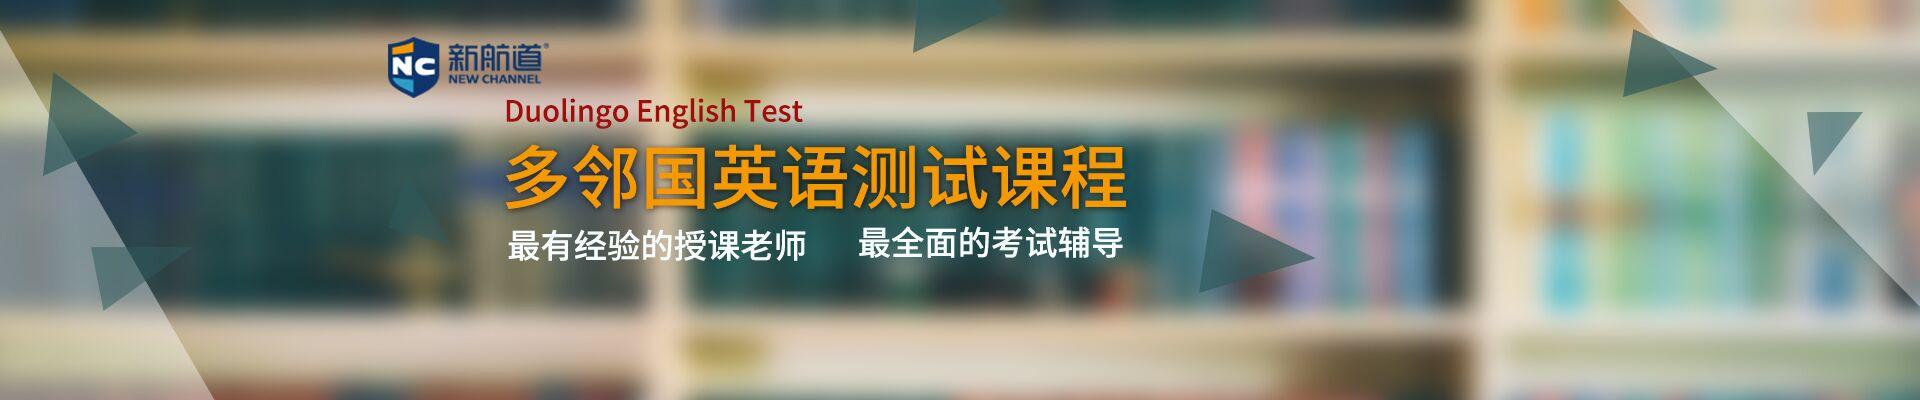 广州昌岗新航道英语培训